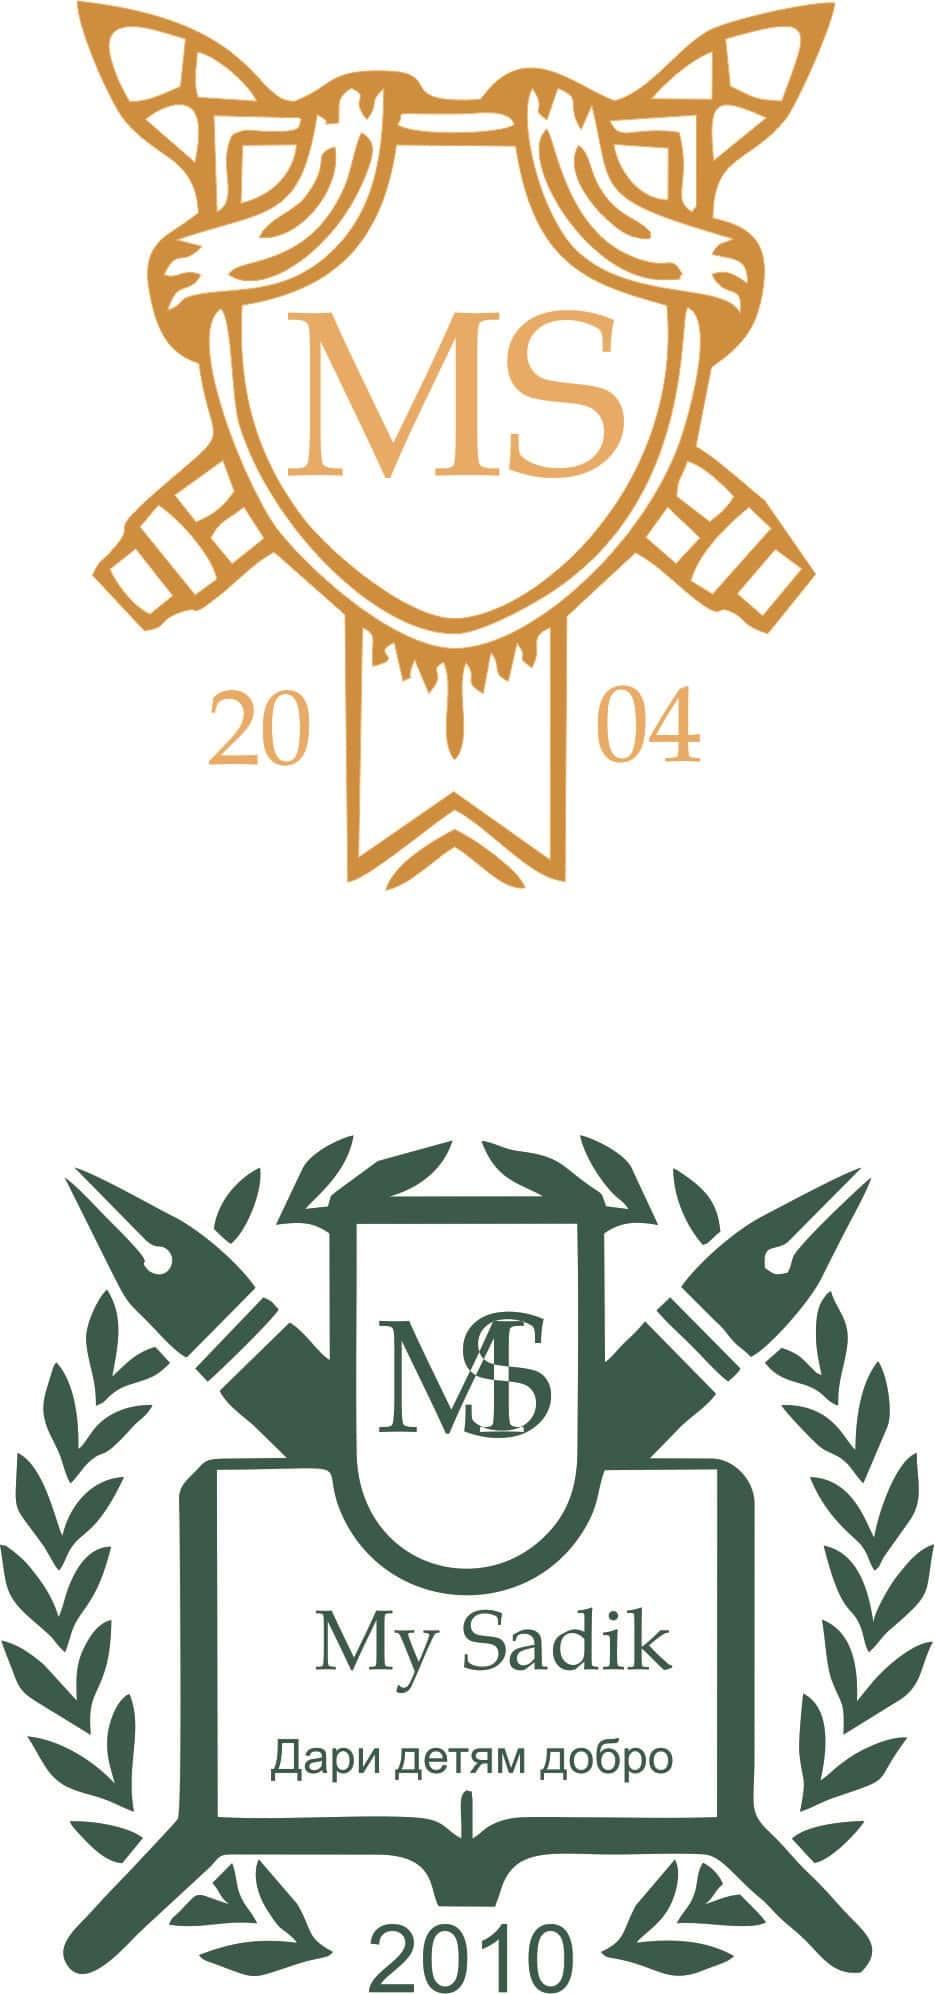 Логотип для образовательного комплекса фото f_9615c8b94c47af5d.jpg